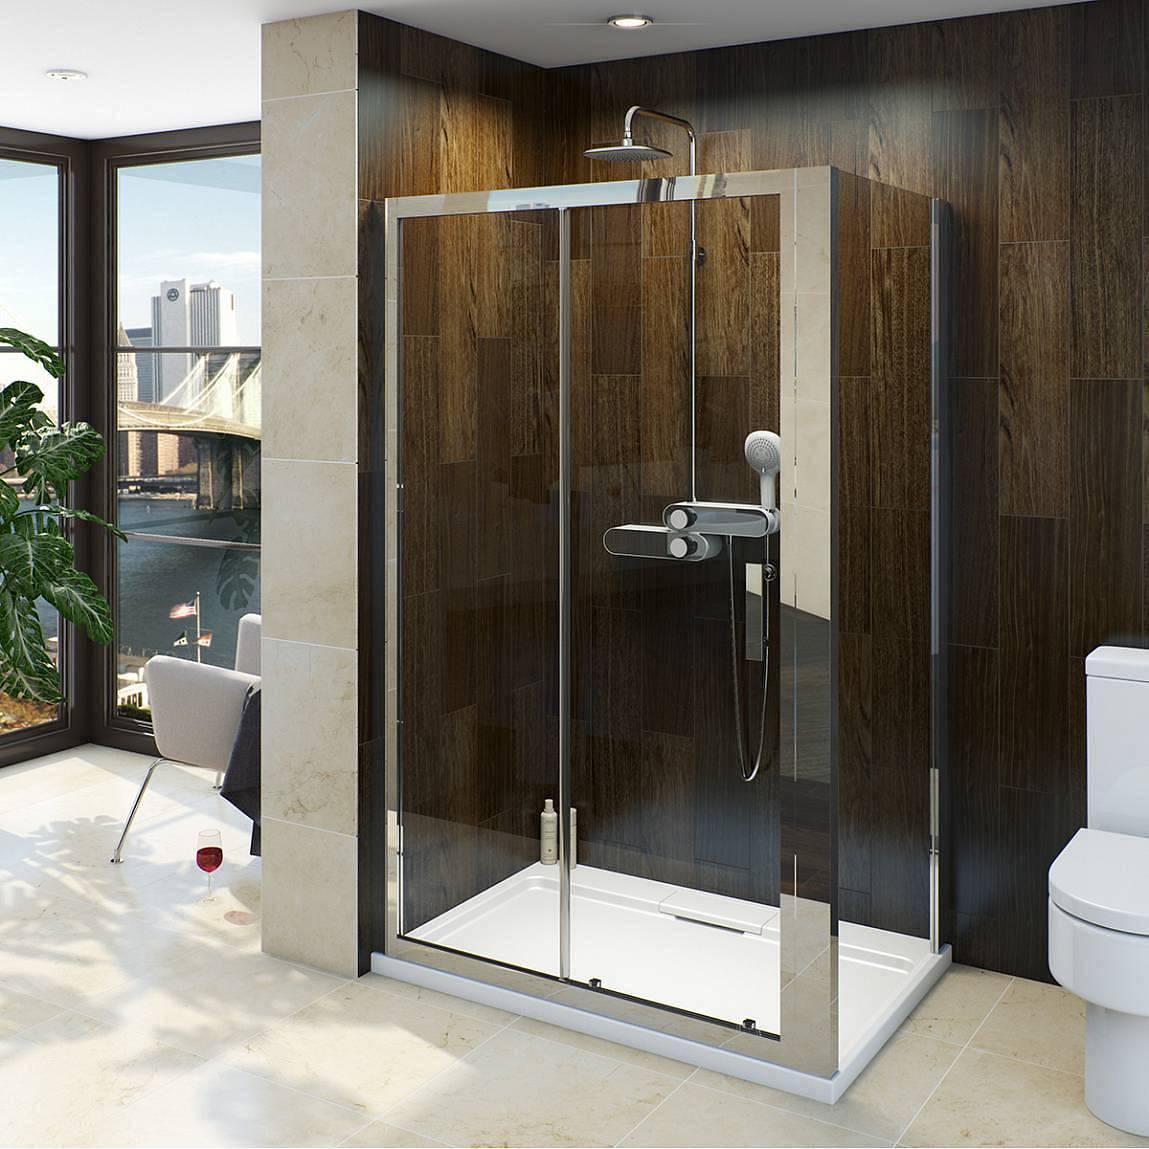 Image of V8 8mm Framed Sliding Shower Enclosure 1000 x 1000